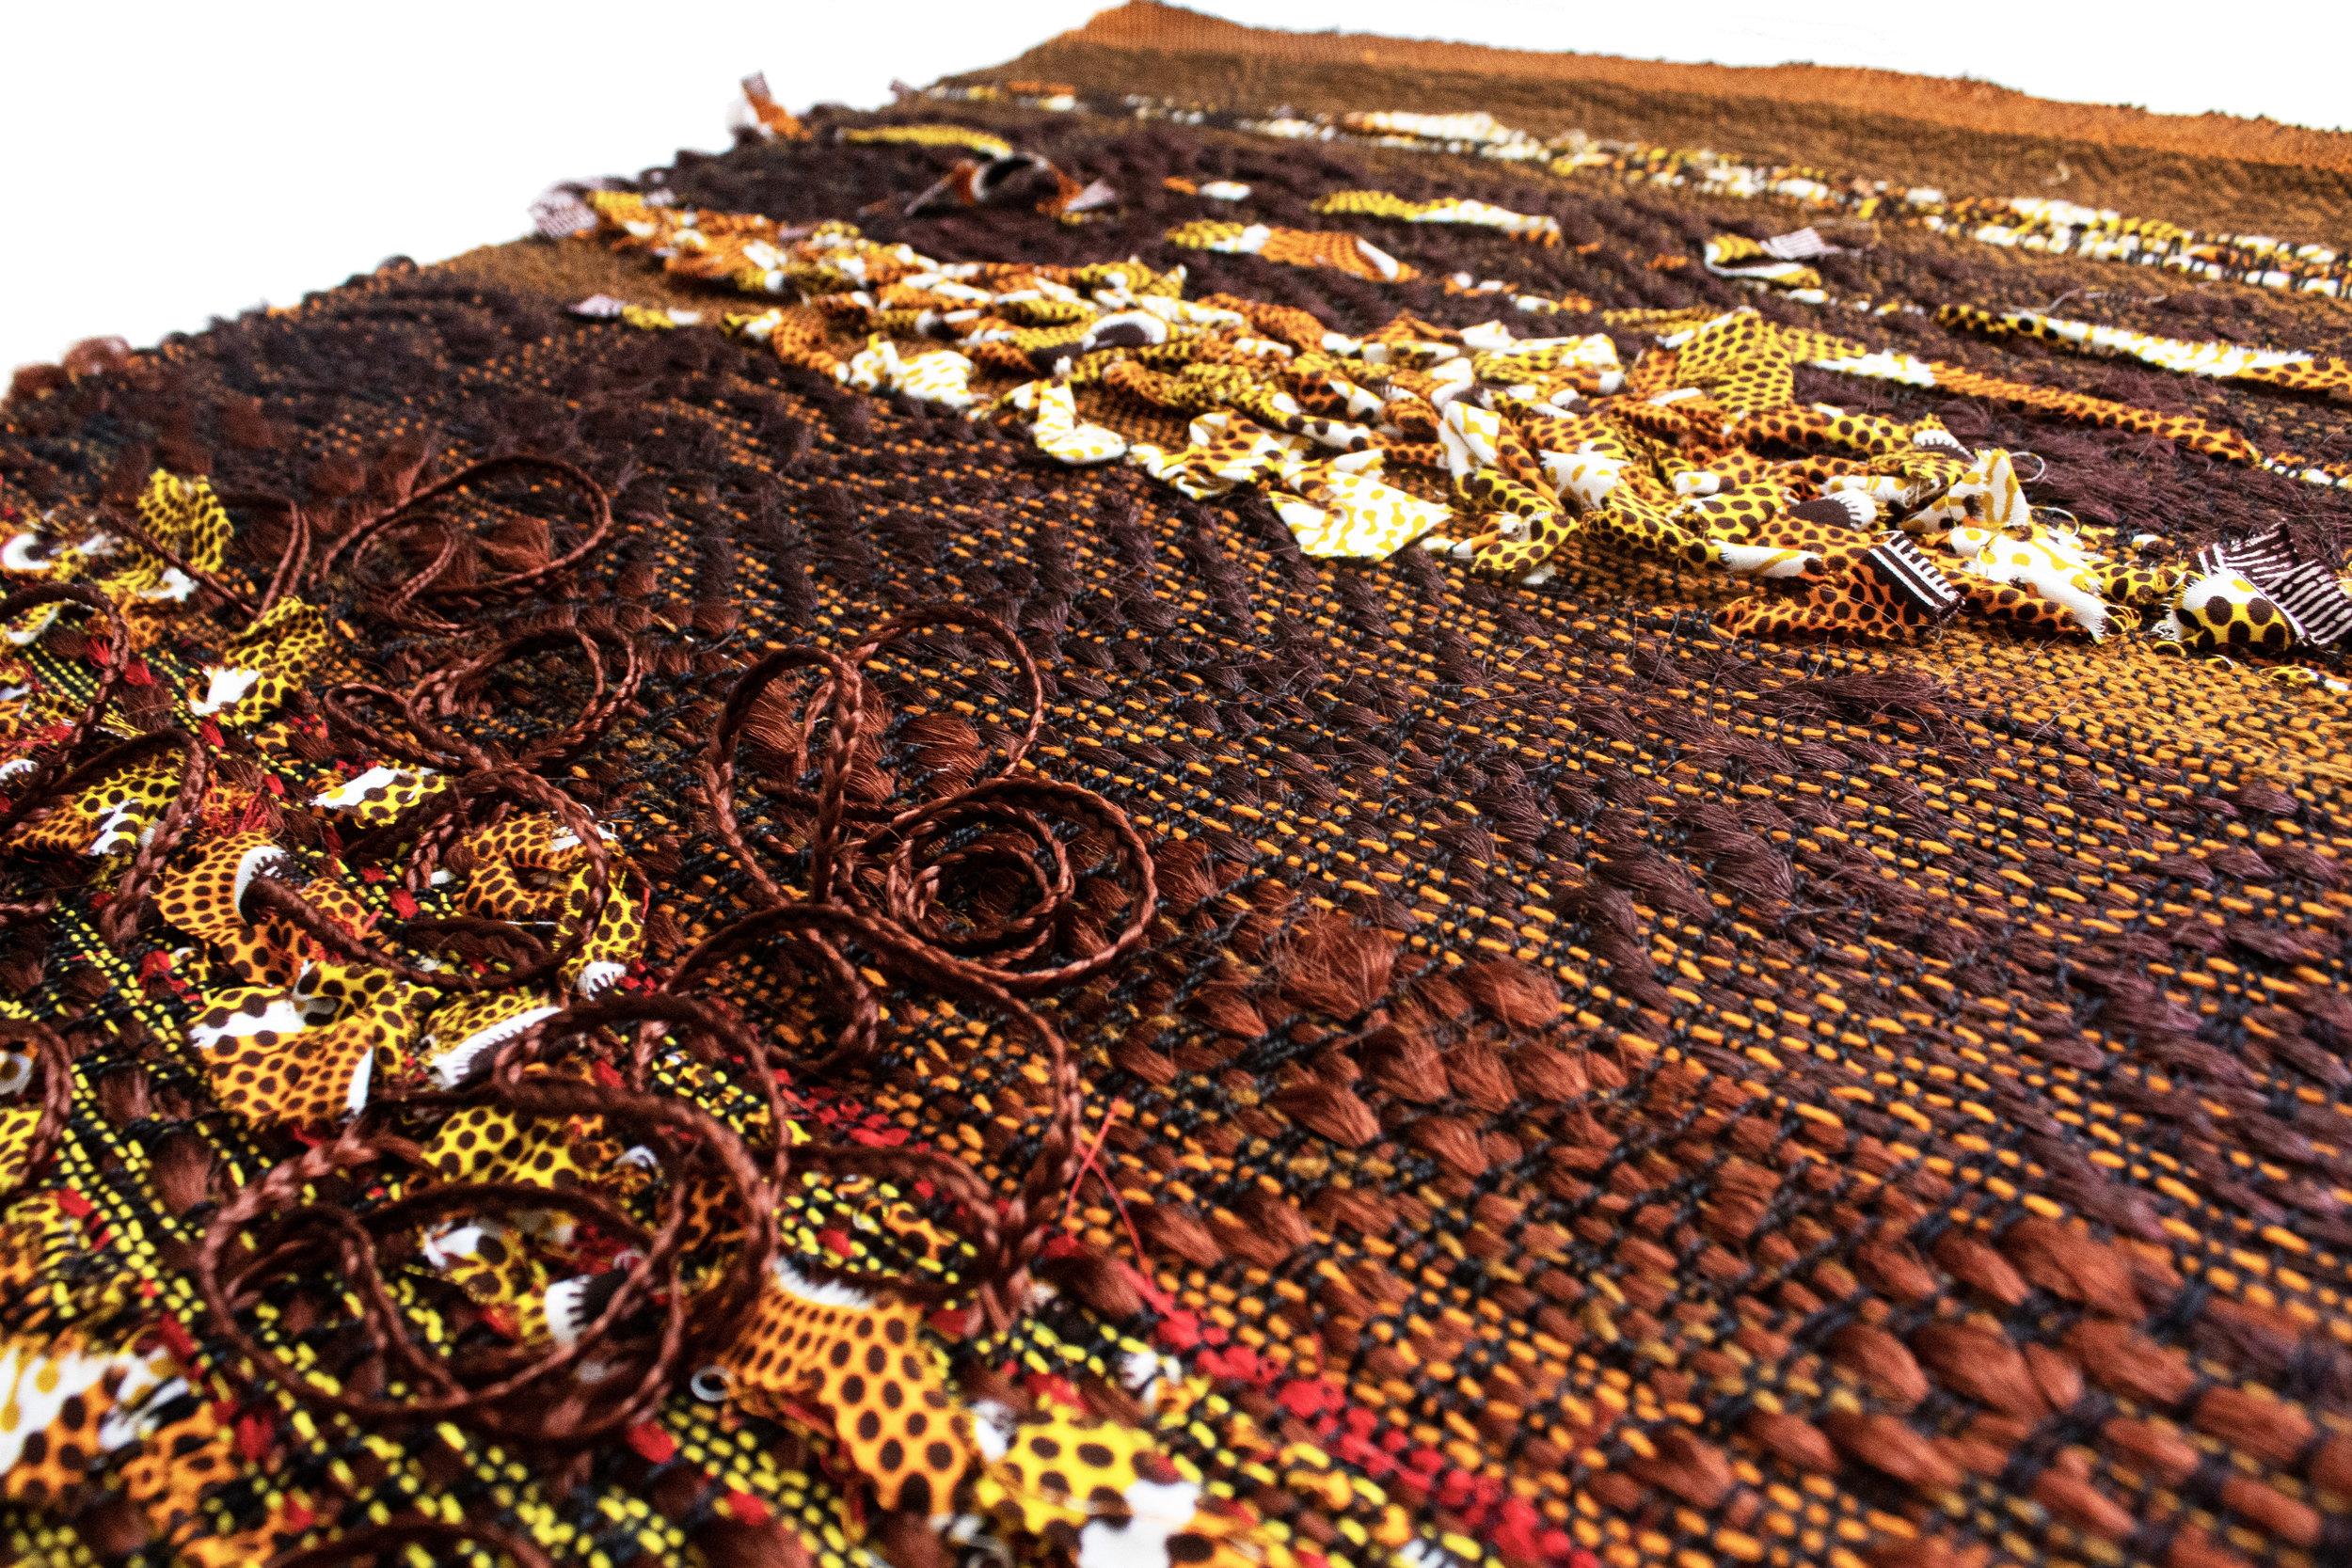 SHENEQUA-Brown Sugar-detail 1.jpg